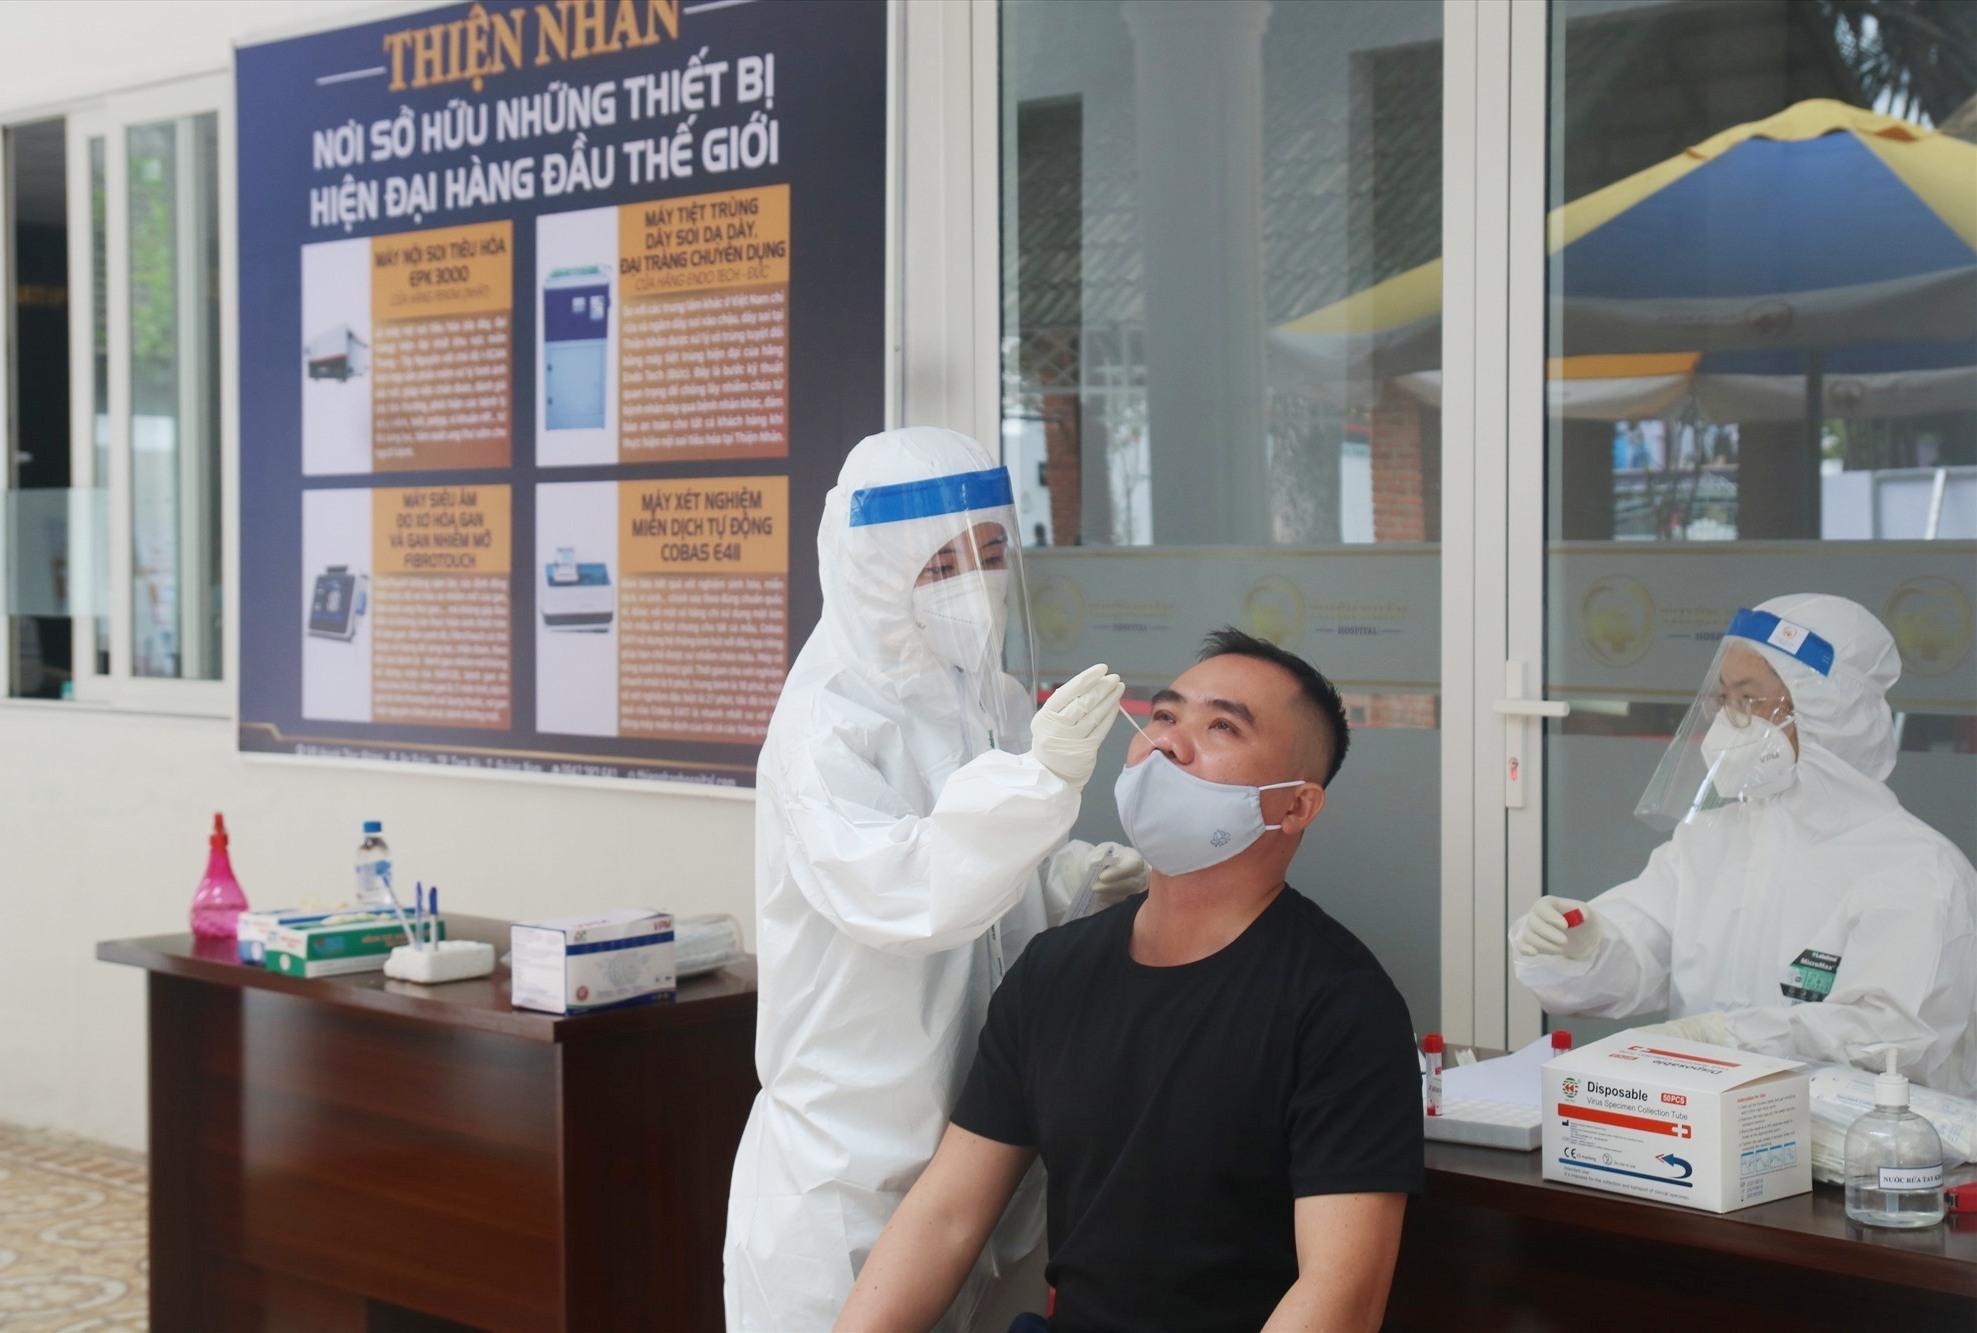 Điểm lấy và nhận mẫu xét nghiệm Covid-19 tại Quảng Nam lấy mẫu cho nhân viên đang làm việc tại đây. Ảnh: X.H